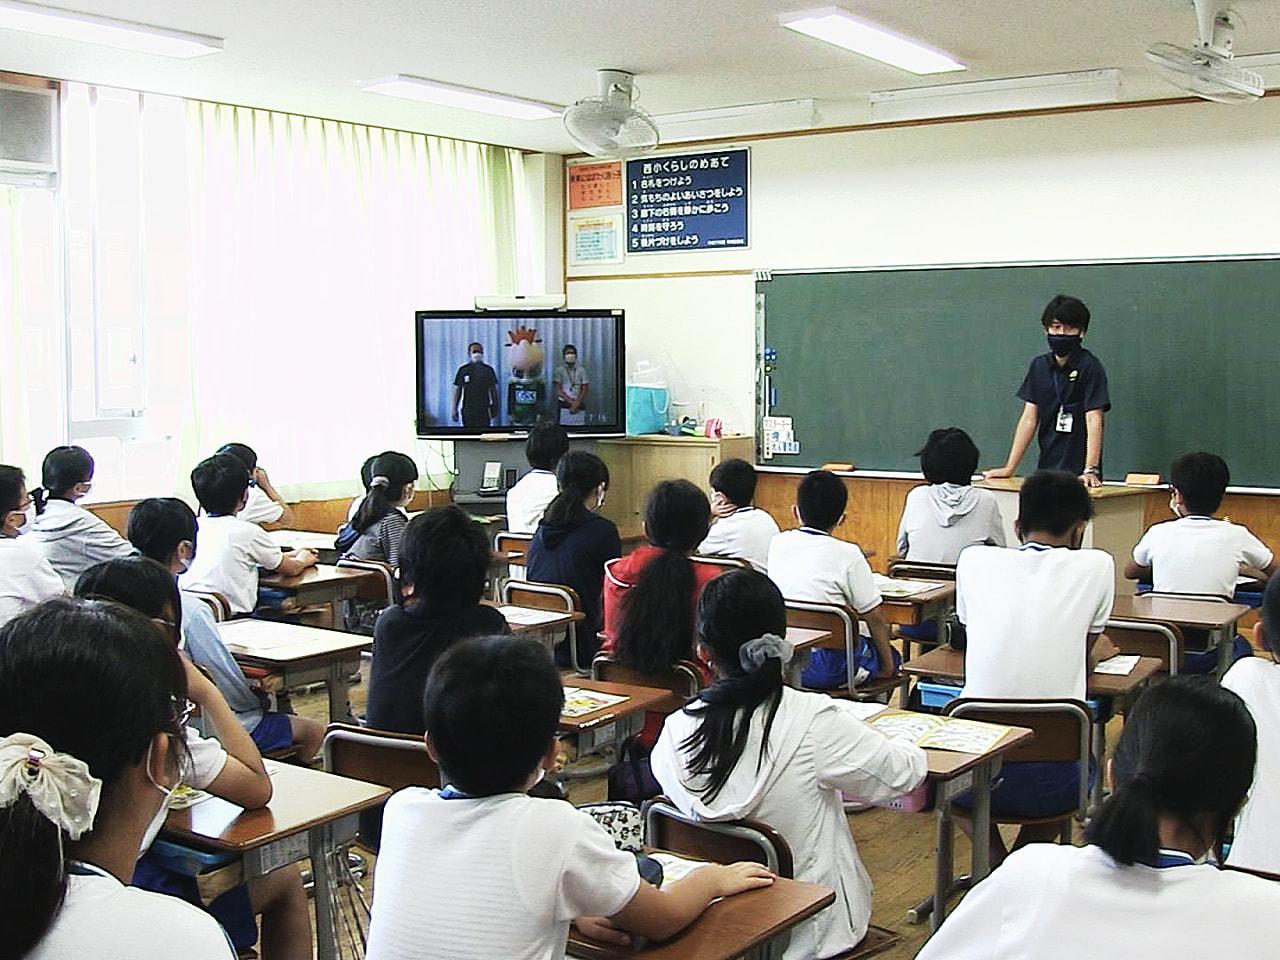 サッカー、FC岐阜の公式マスコットキャラクター「ギッフィー」による防災講座が15...